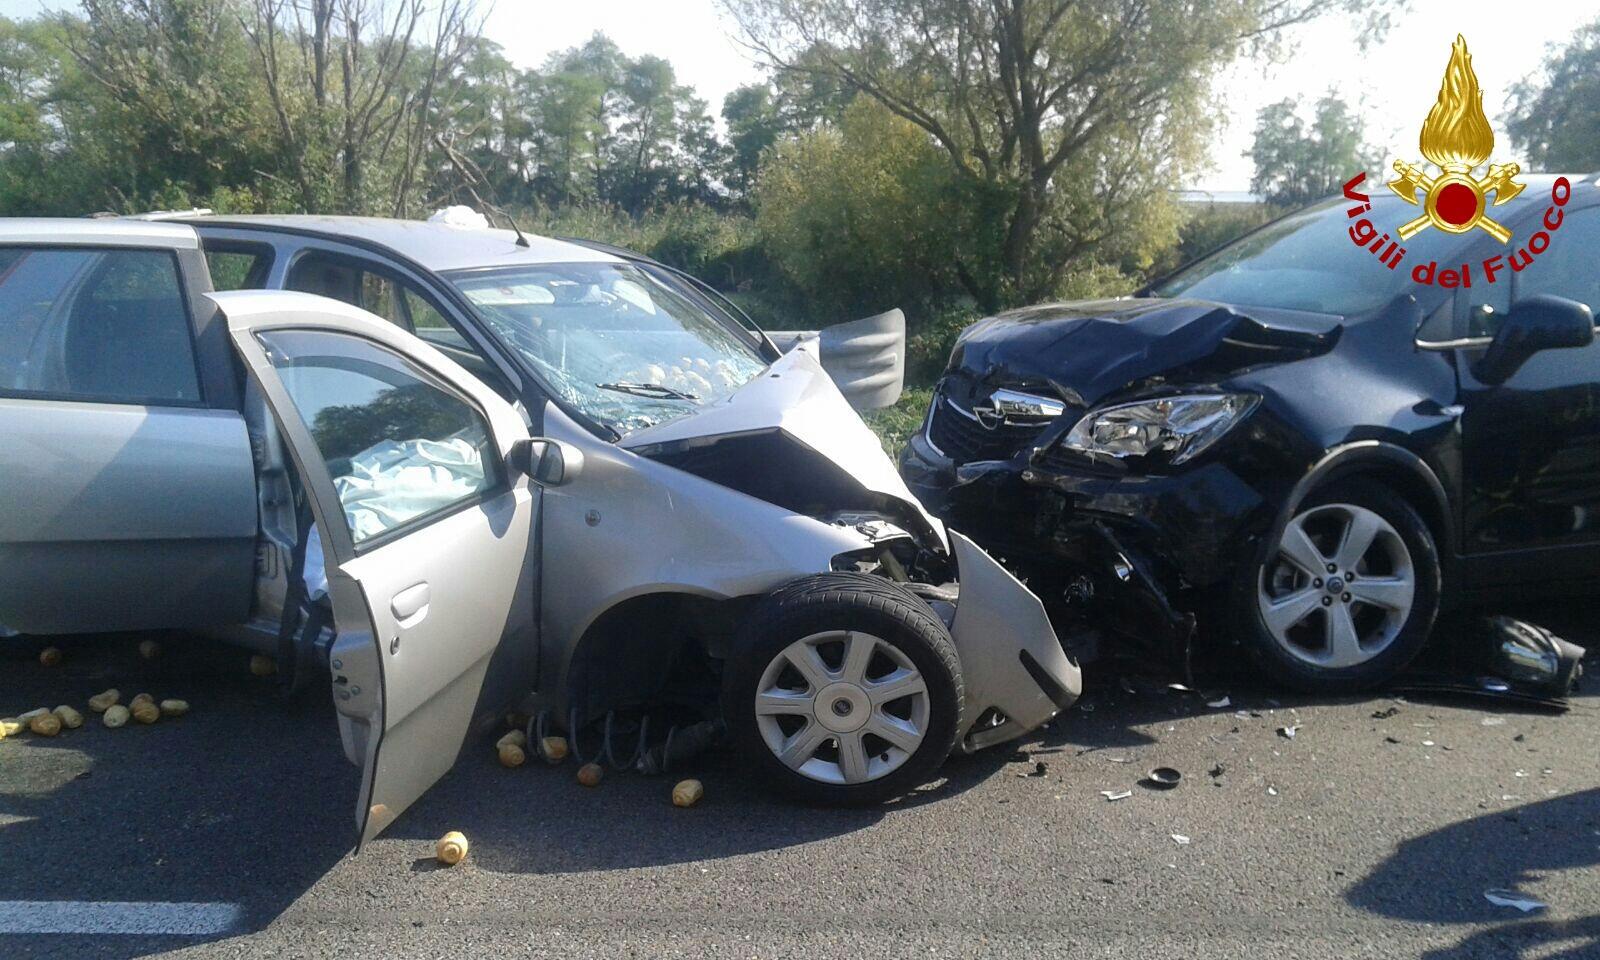 Quarto d'Altino (Venezia): cinque veicoli coinvolti in incidente, muore 78 enne